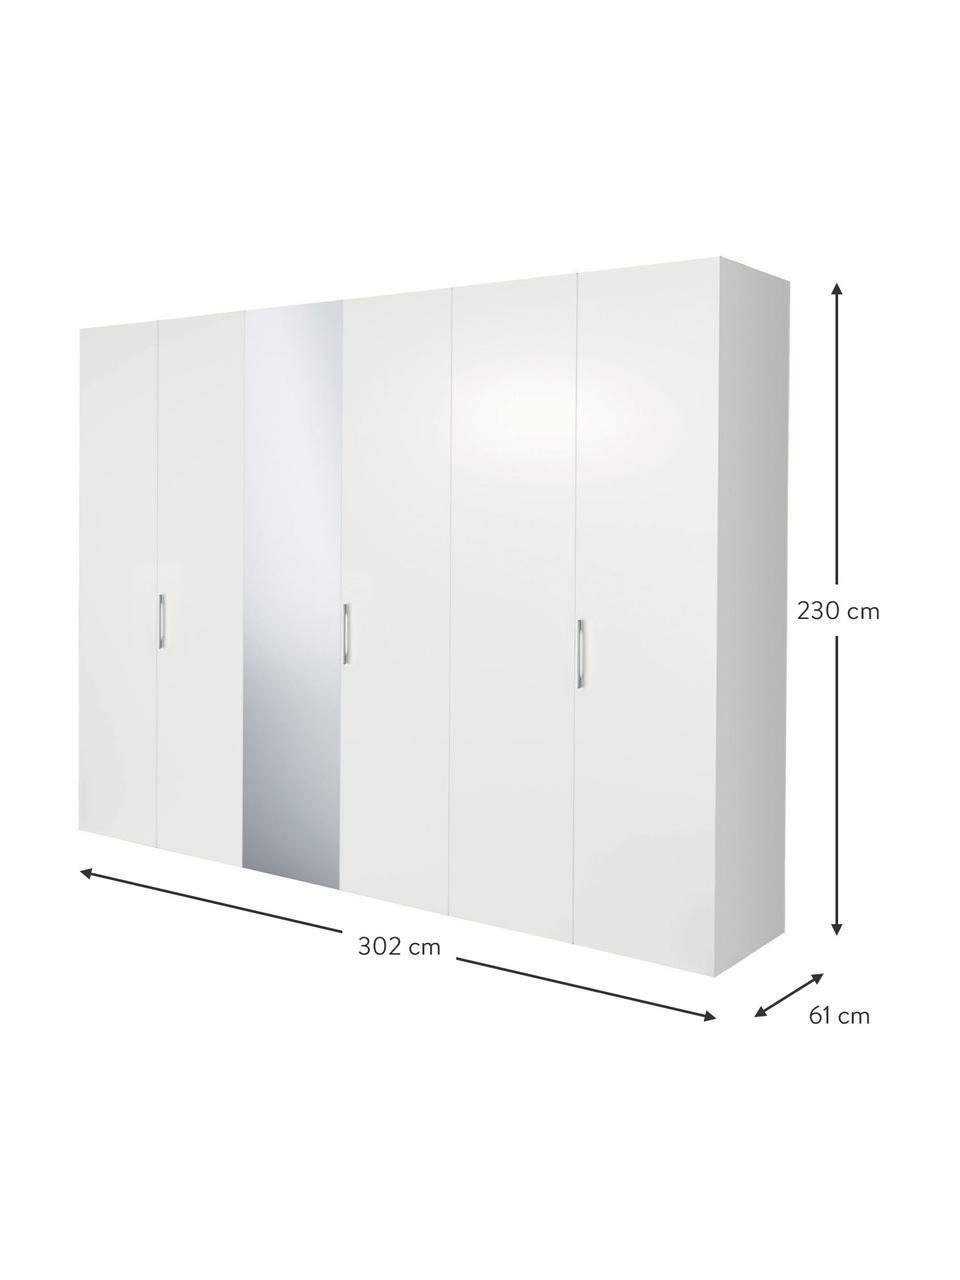 XL Kleiderschrank Madison mit Spiegeltür in Weiß, Korpus: Holzwerkstoffplatten, lac, Weiß, 302 x 230 cm